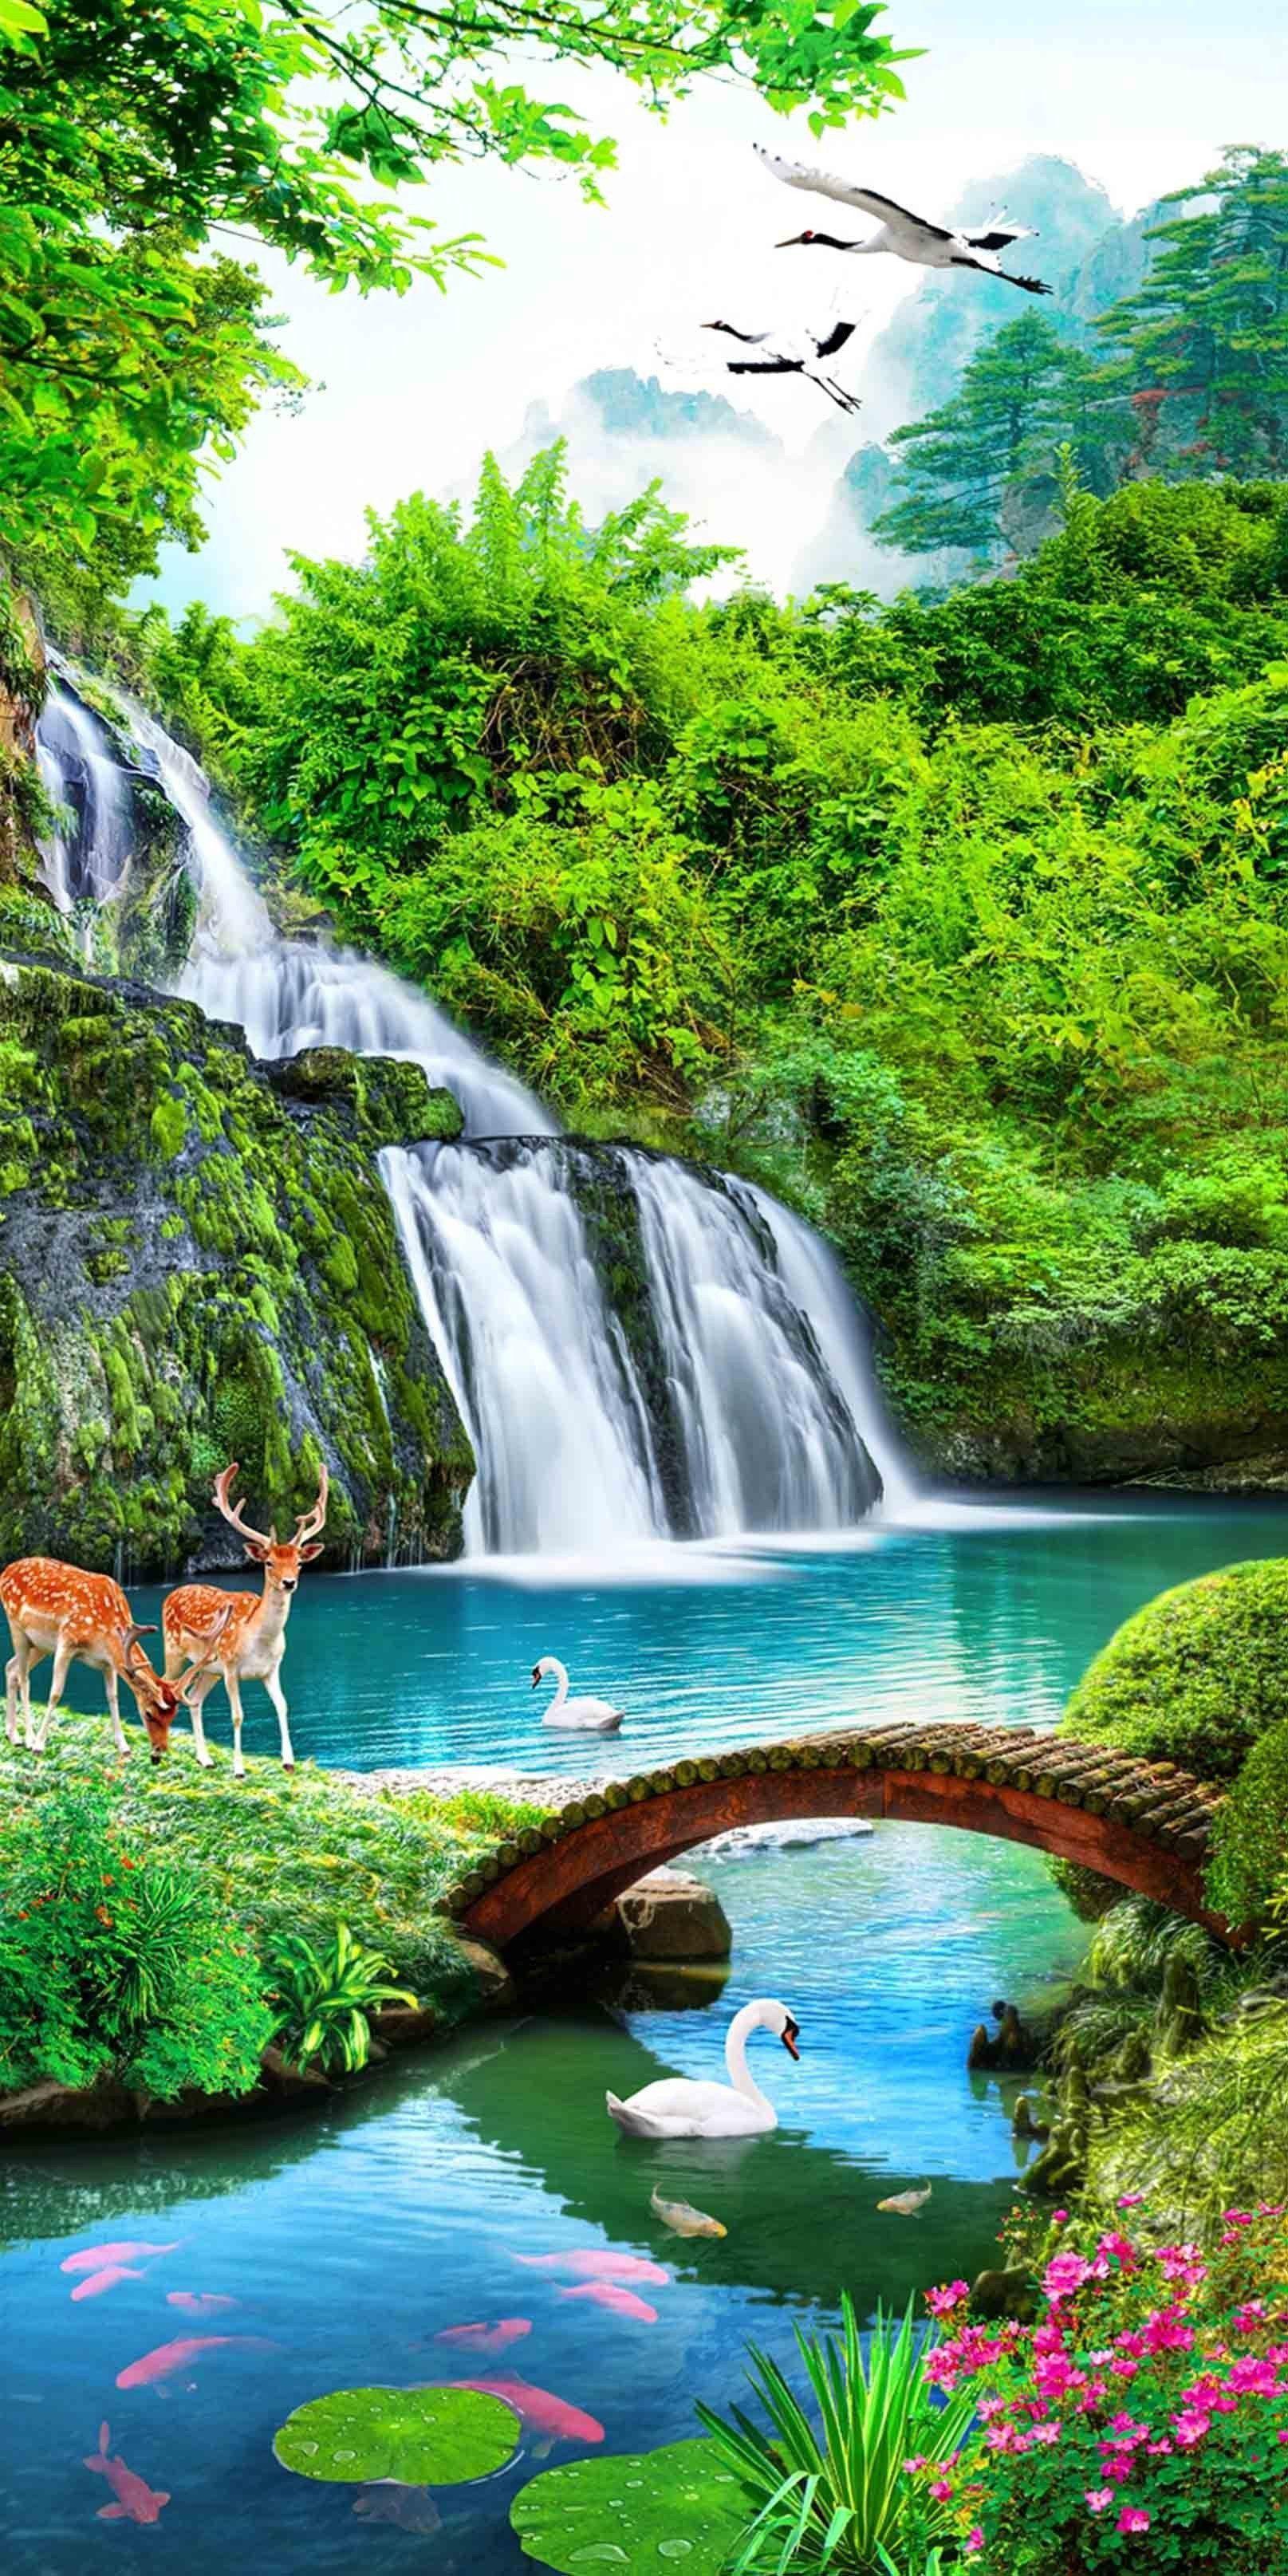 3d Waterfall Animals 1327 Stair Risers Special Days Di 2020 Pemandangan Air Terjun Fotografi Alam